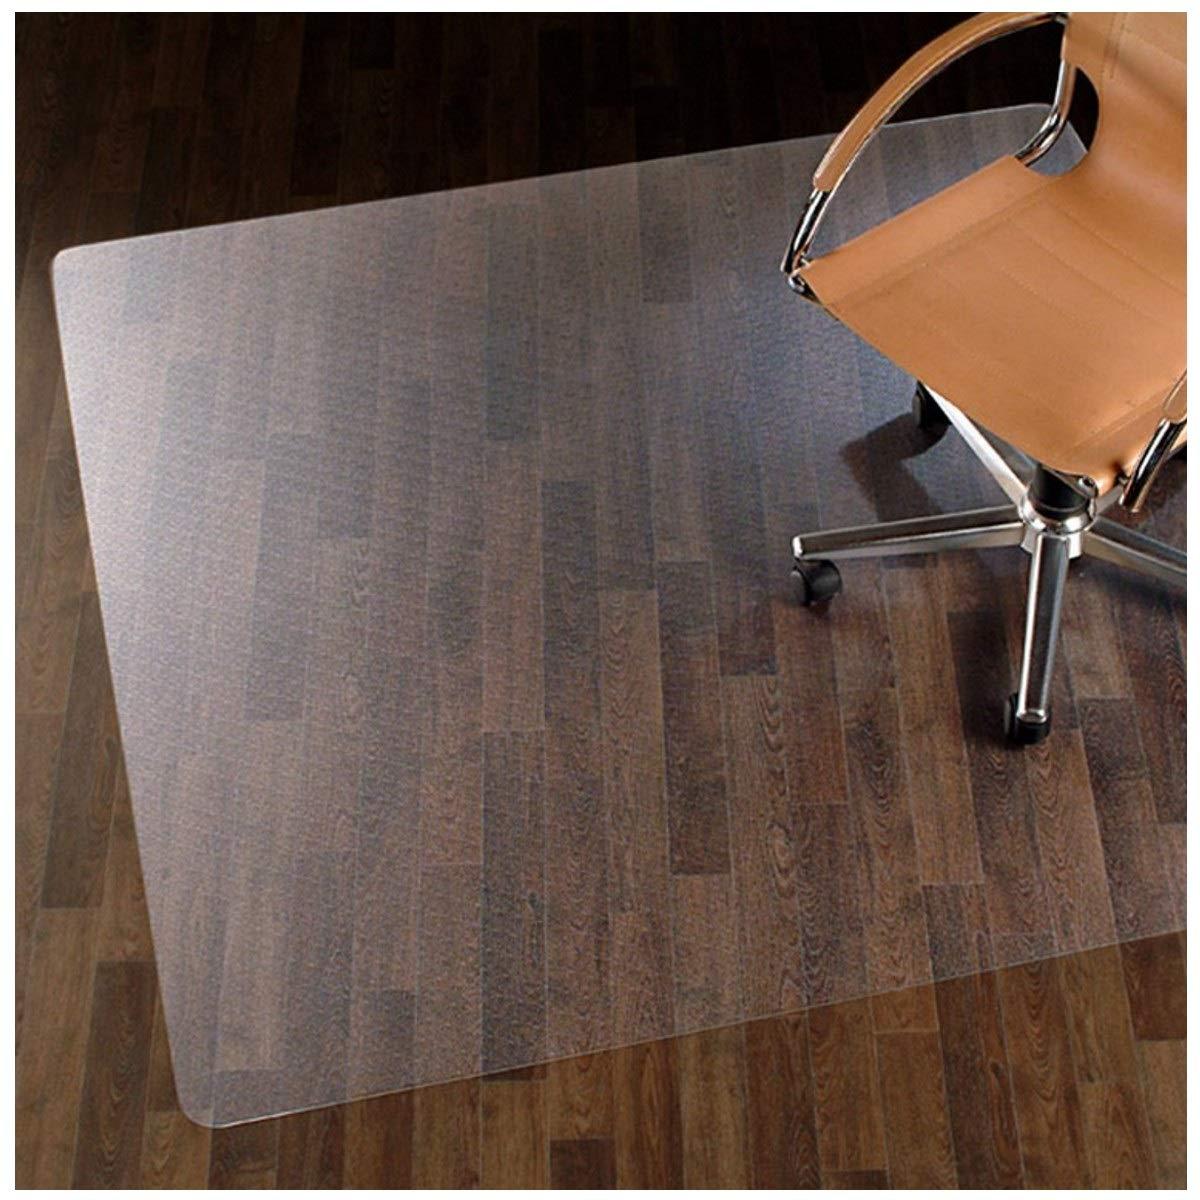 ETM, base per sedia da ufficio per pavimenti in legno, in 100% policarbonato, nessun materiale riciclato, altamente resistente, trasparente